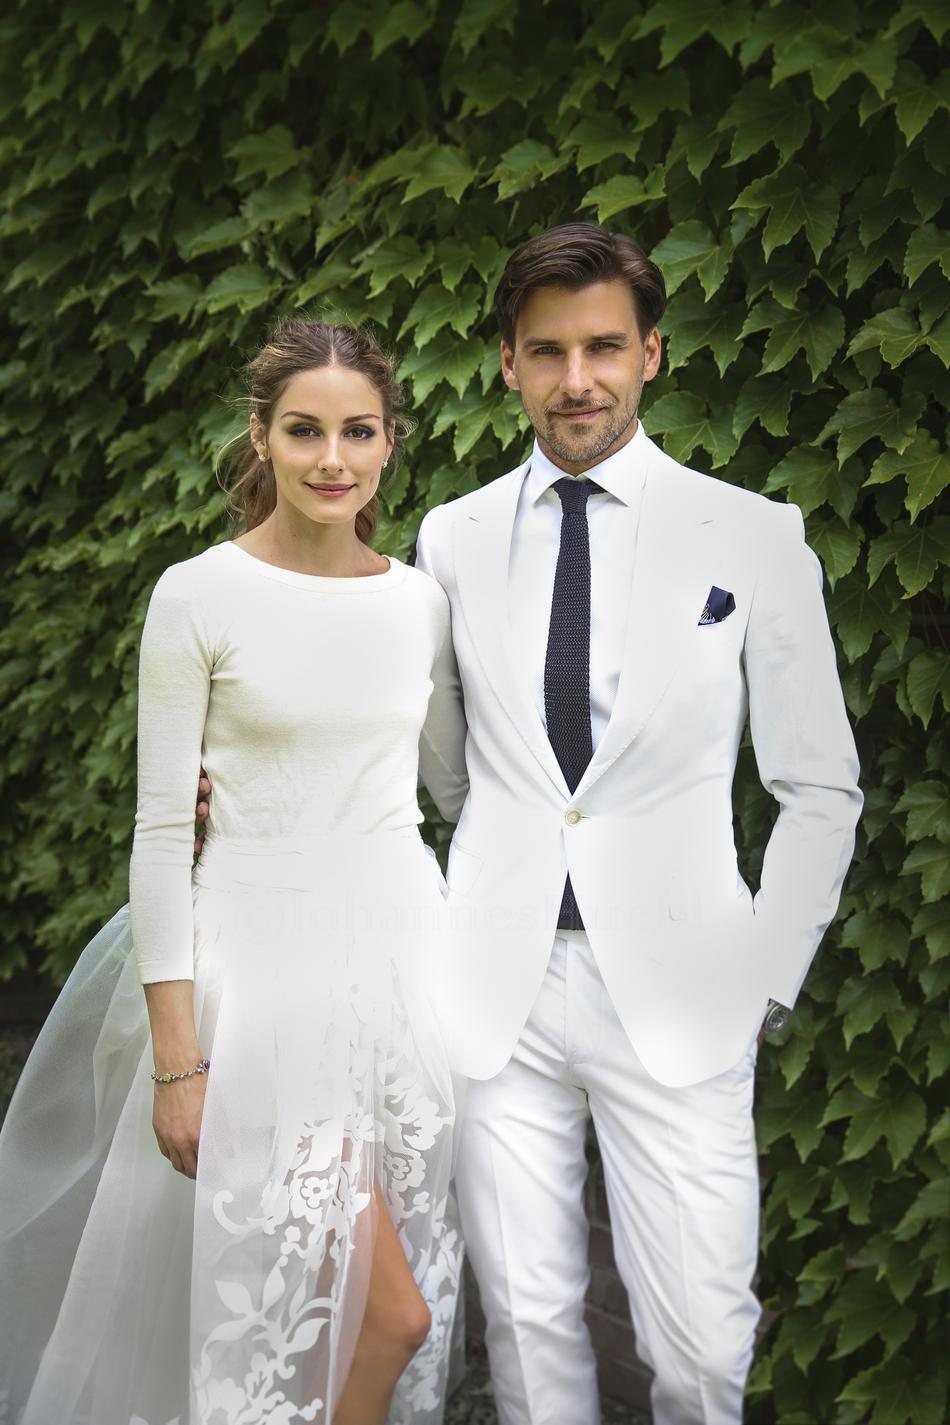 Fabuleux Les plus belles coiffures de mariage des stars - Madame Figaro BY26